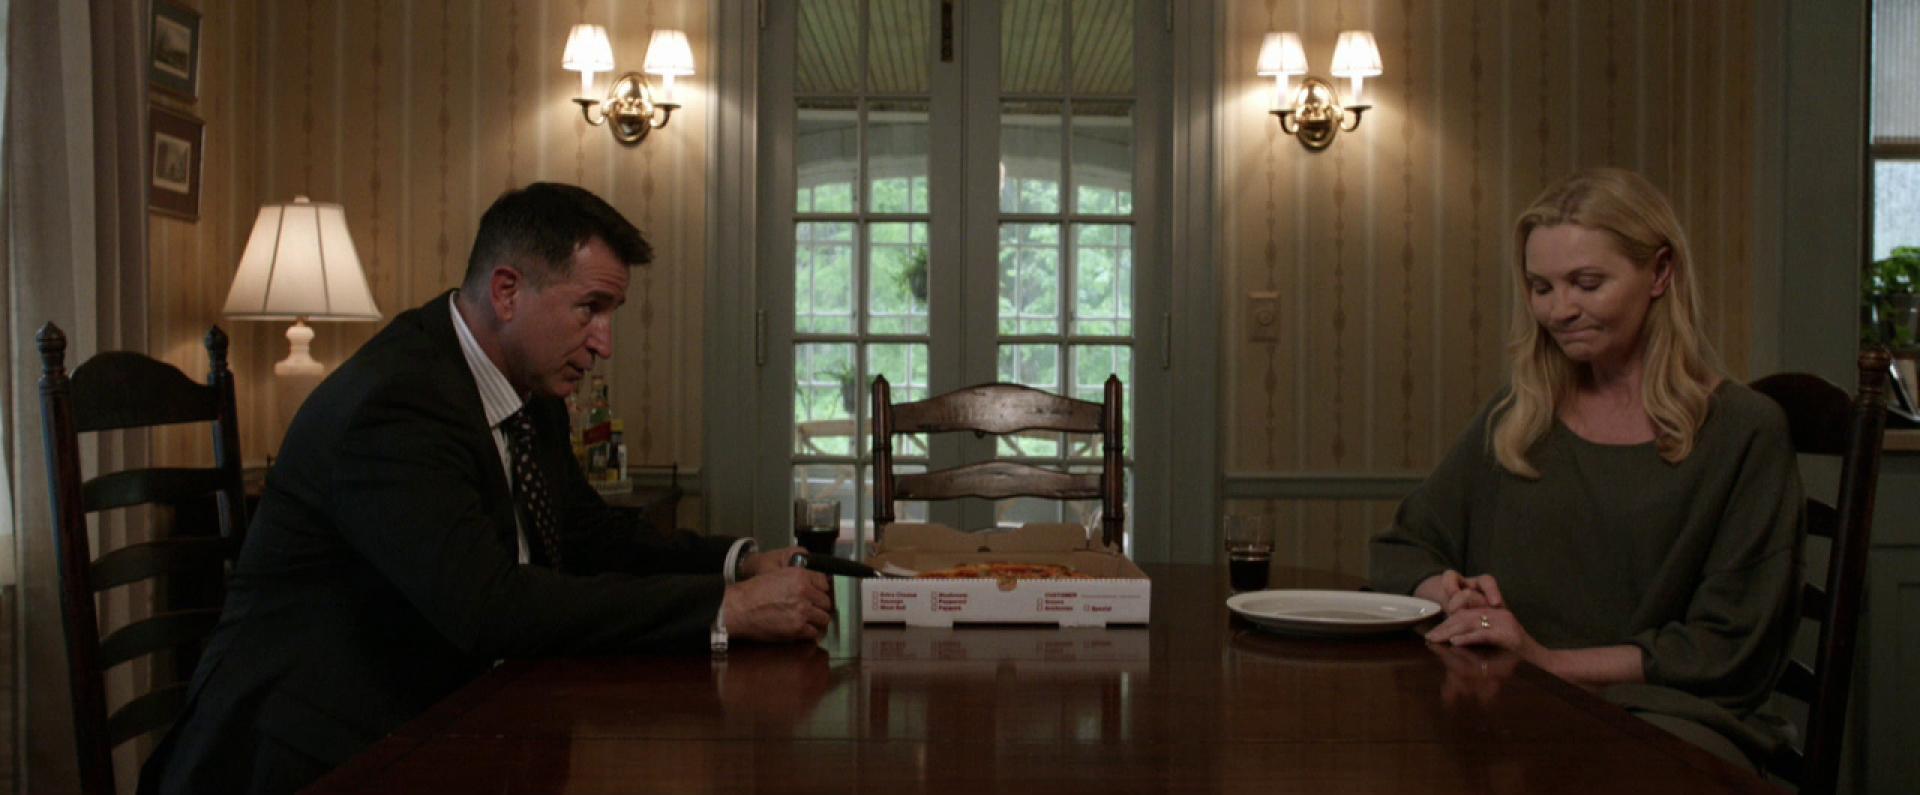 Stephen King: Minden sötét, csillag sehol (2010) (4. rész) 2. kép